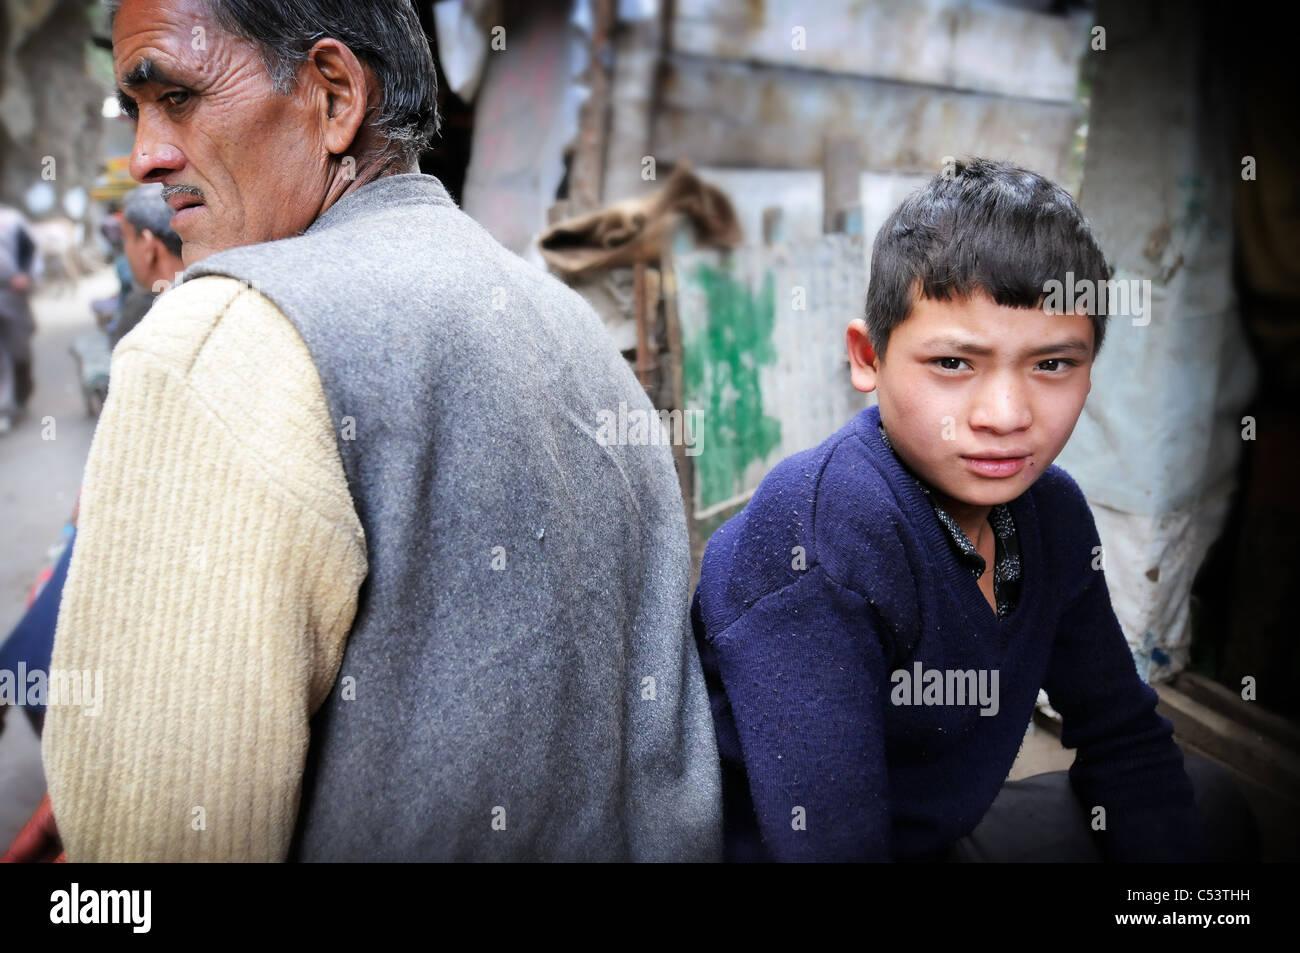 Escenas en Gaurikund, el inicio de la caminata hasta el templo hindú en Kedarnath Foto de stock